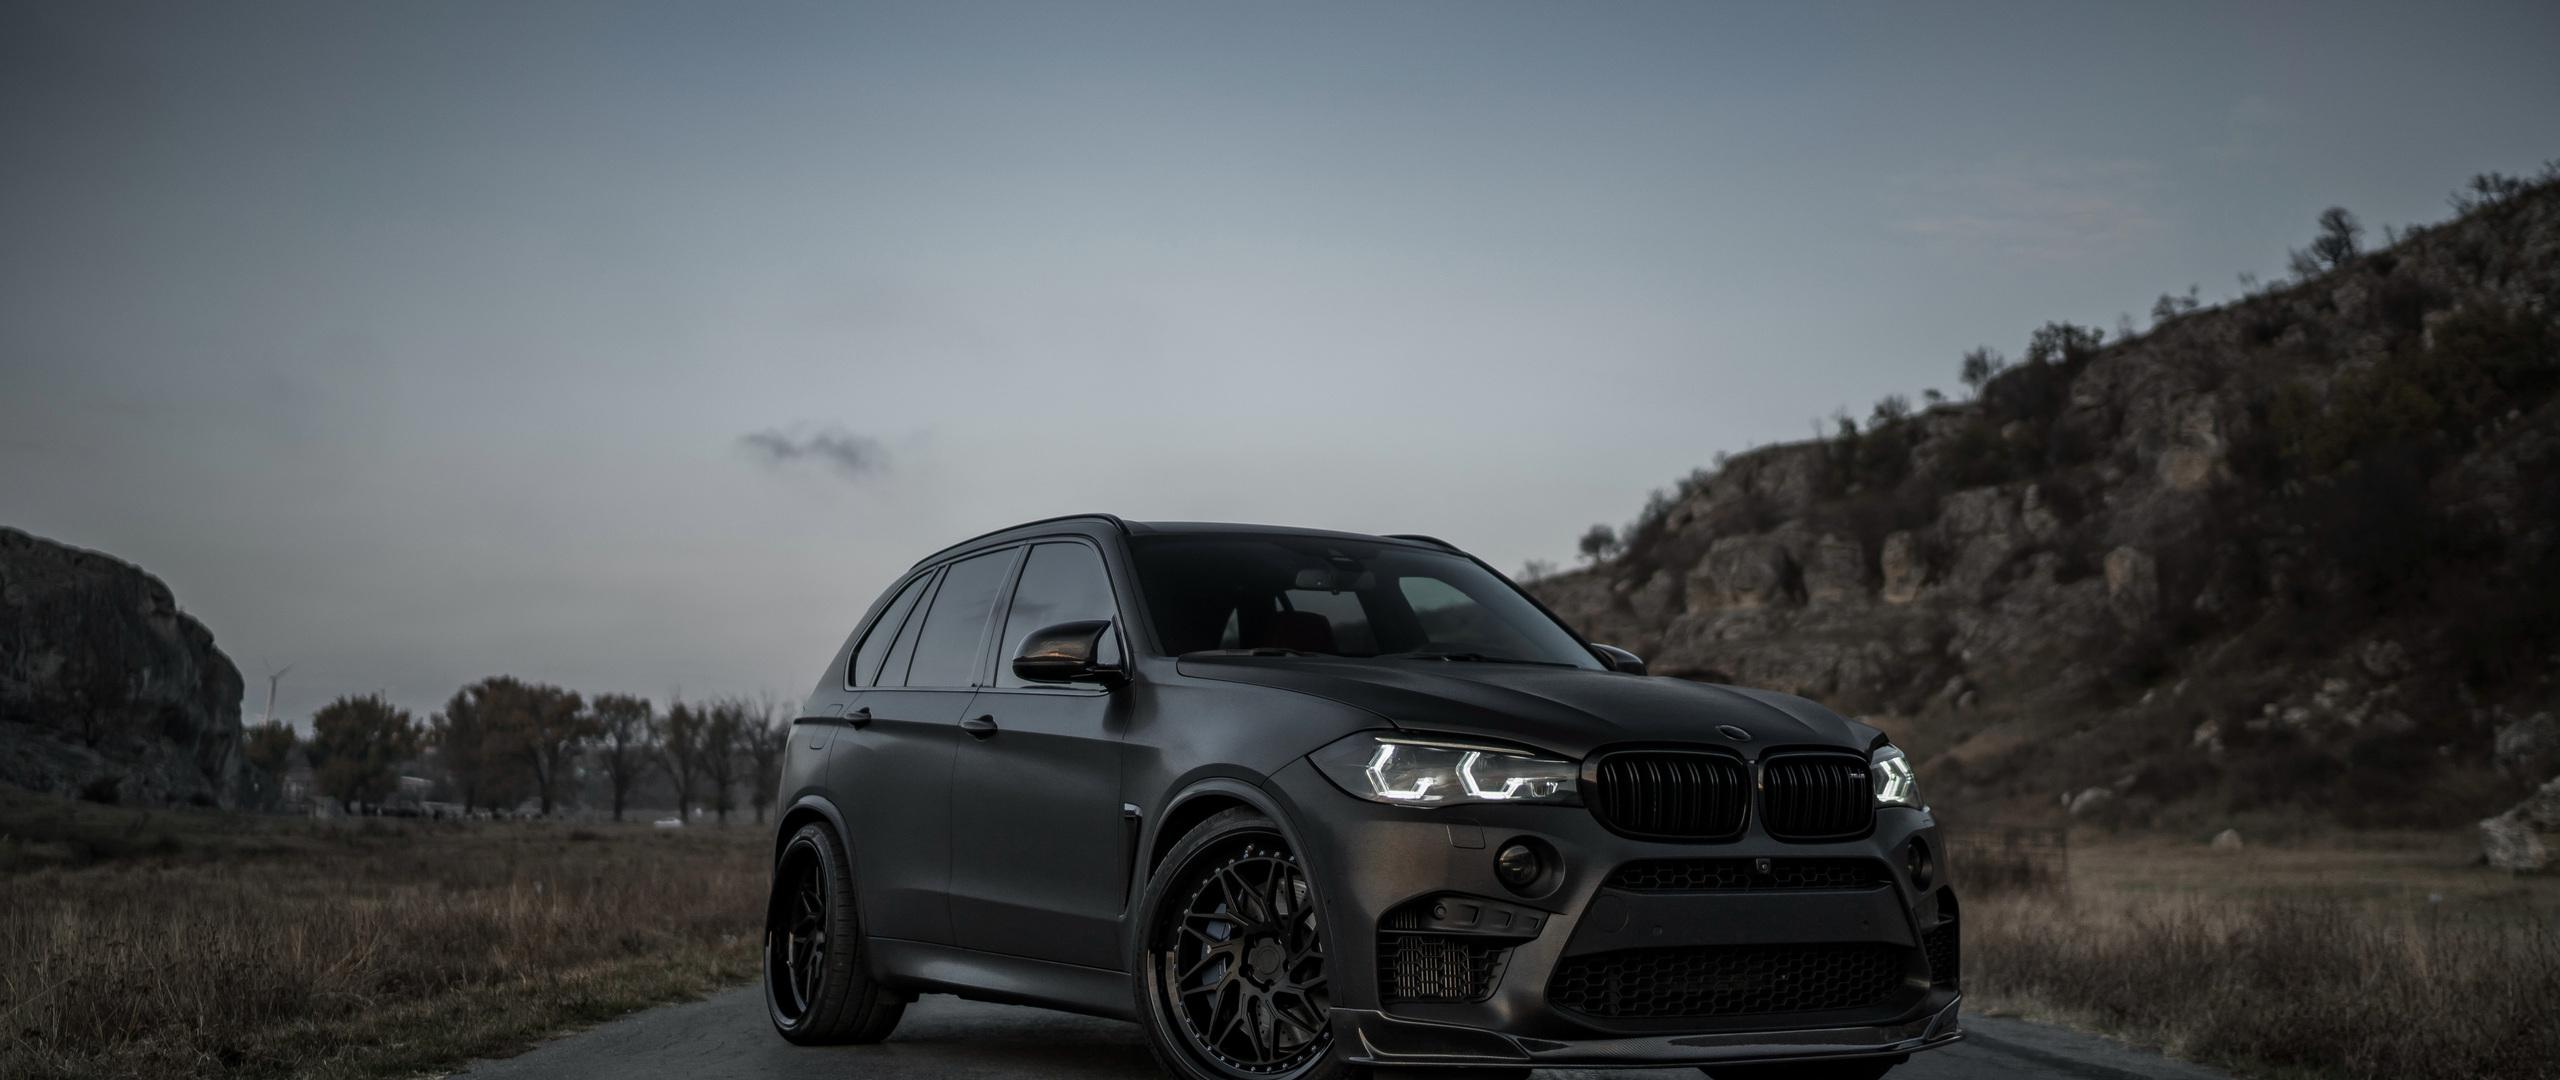 2560x1080 Z Performance BMW X5 2018 4k 2560x1080 ...